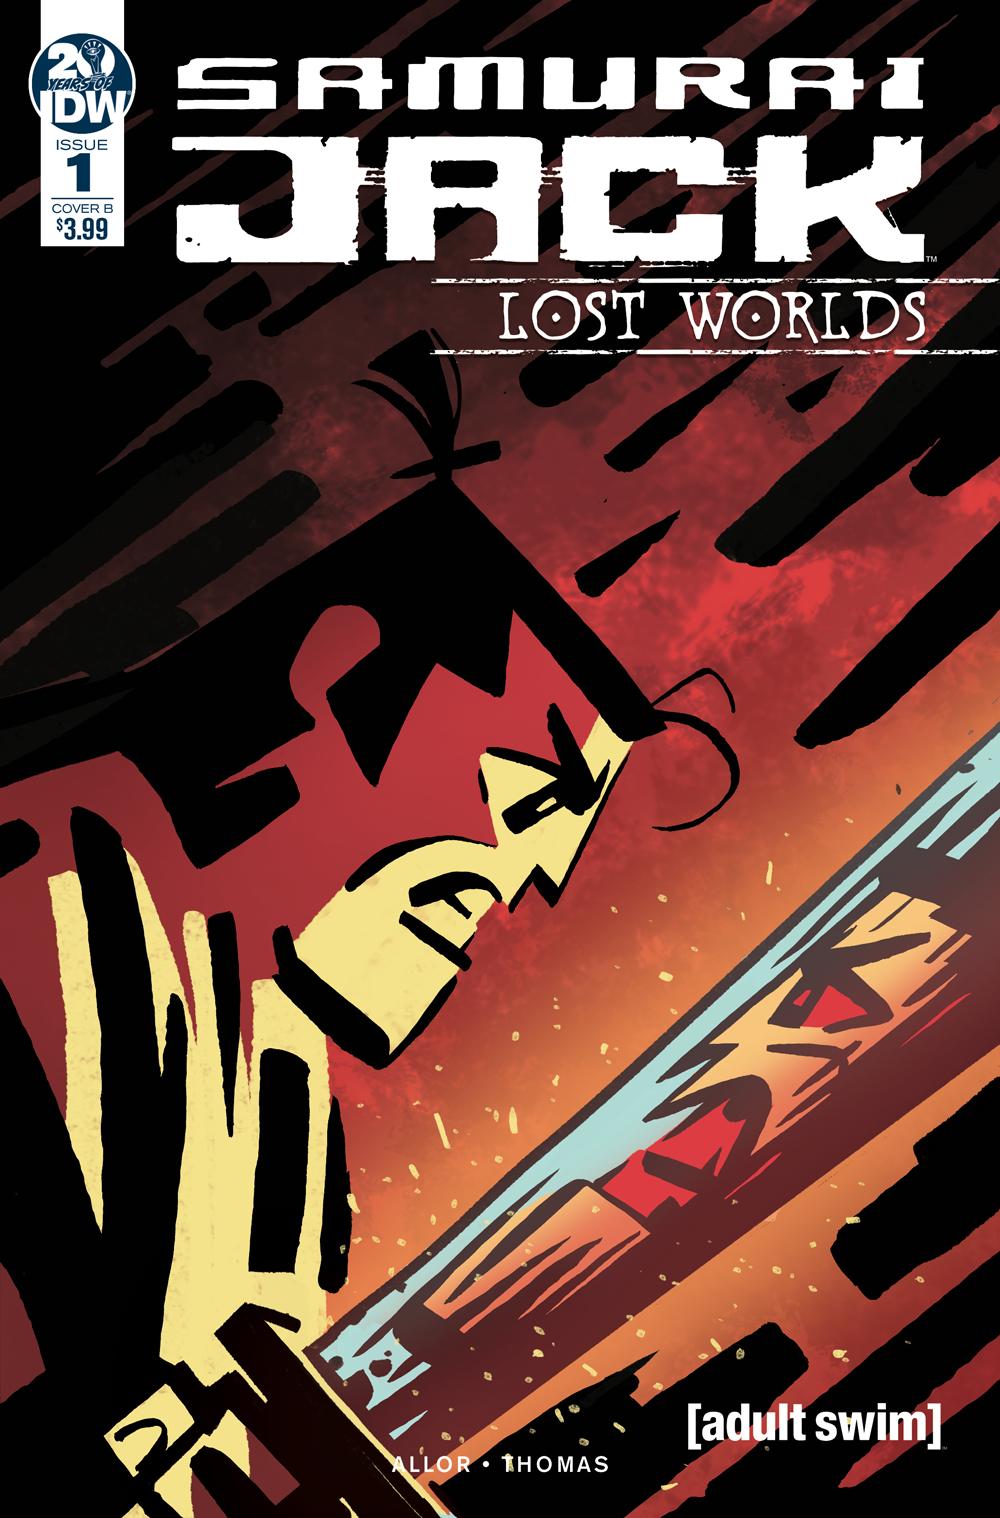 SAMURAI JACK LOST WORLDS #1 CVR B FULLERTON